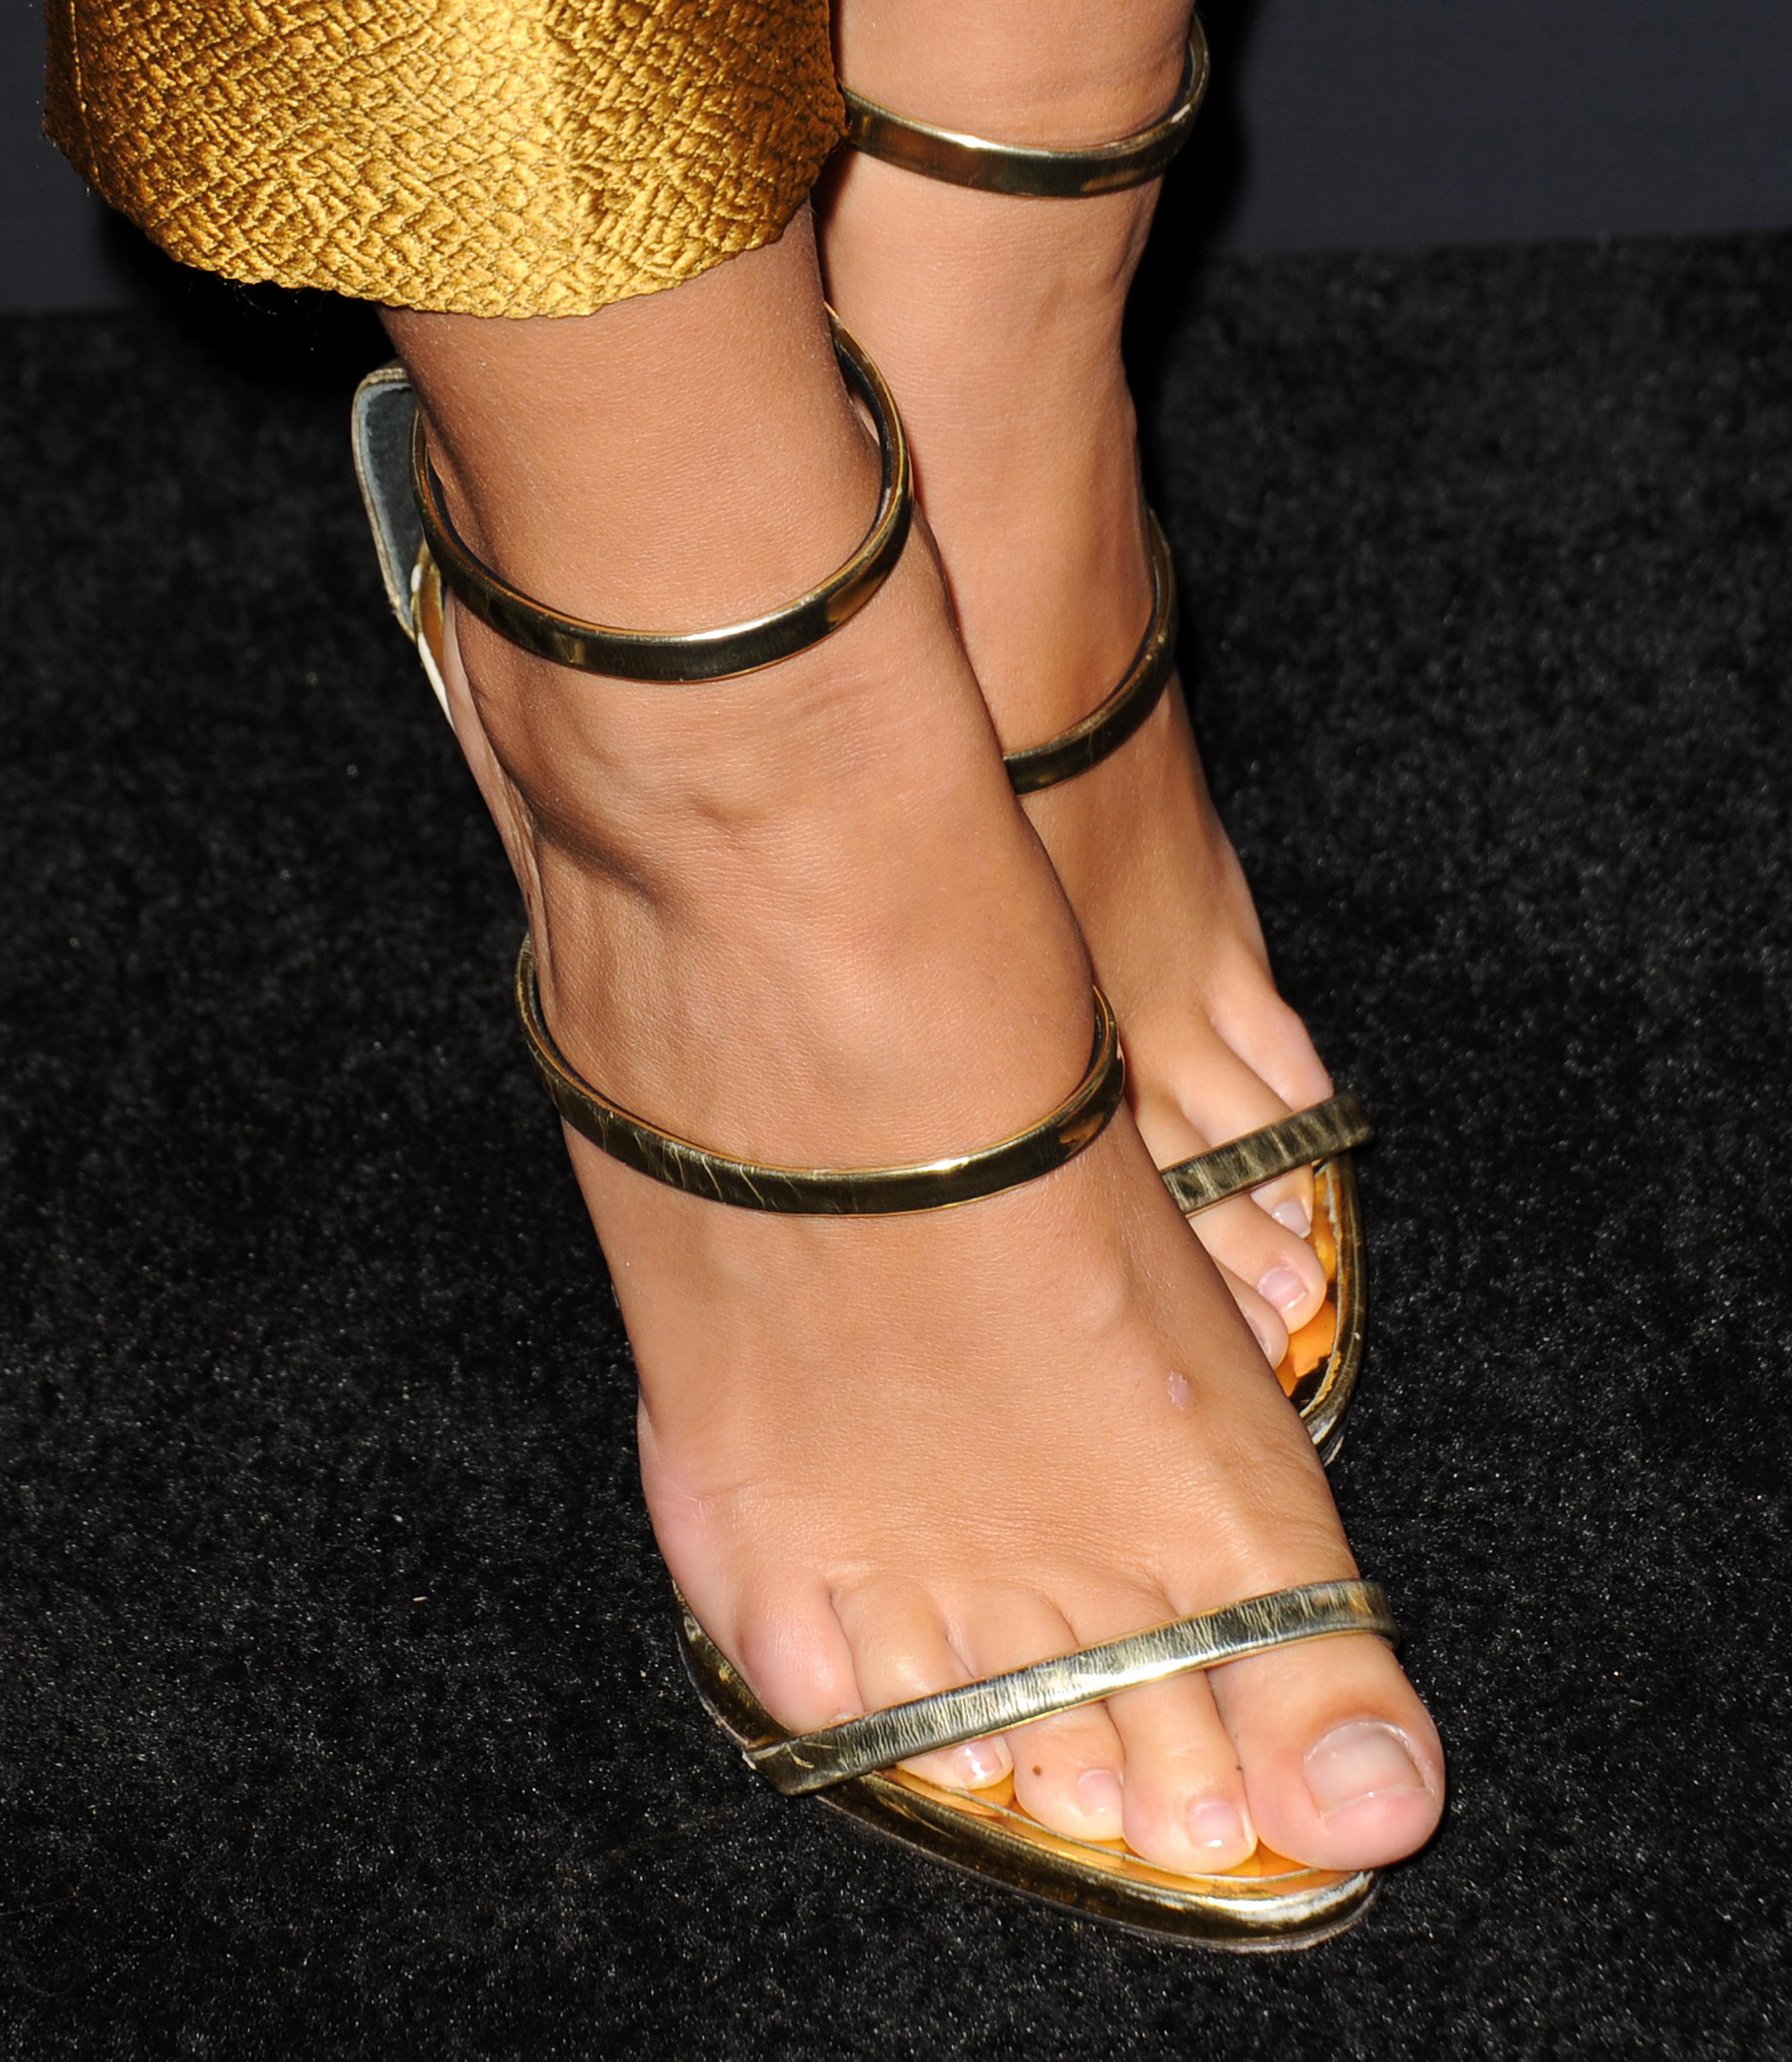 Porn foot foot